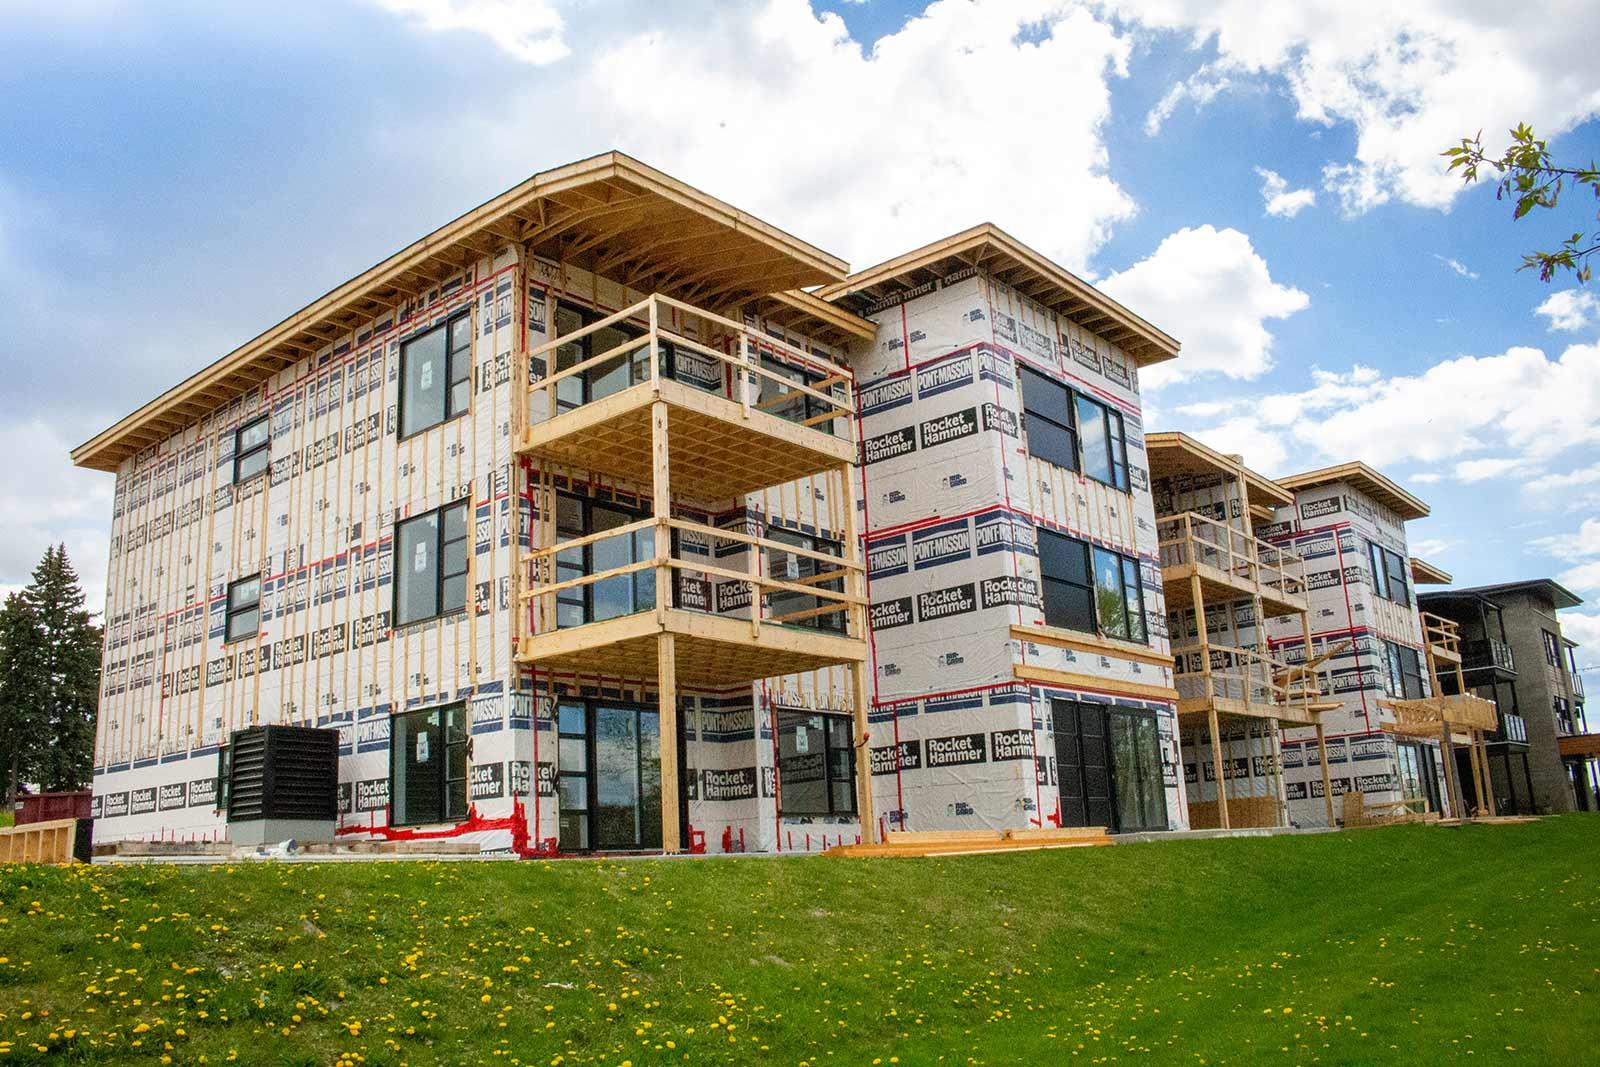 Domaine de l'Eau Vive - Valleyfield - Appartements à louer